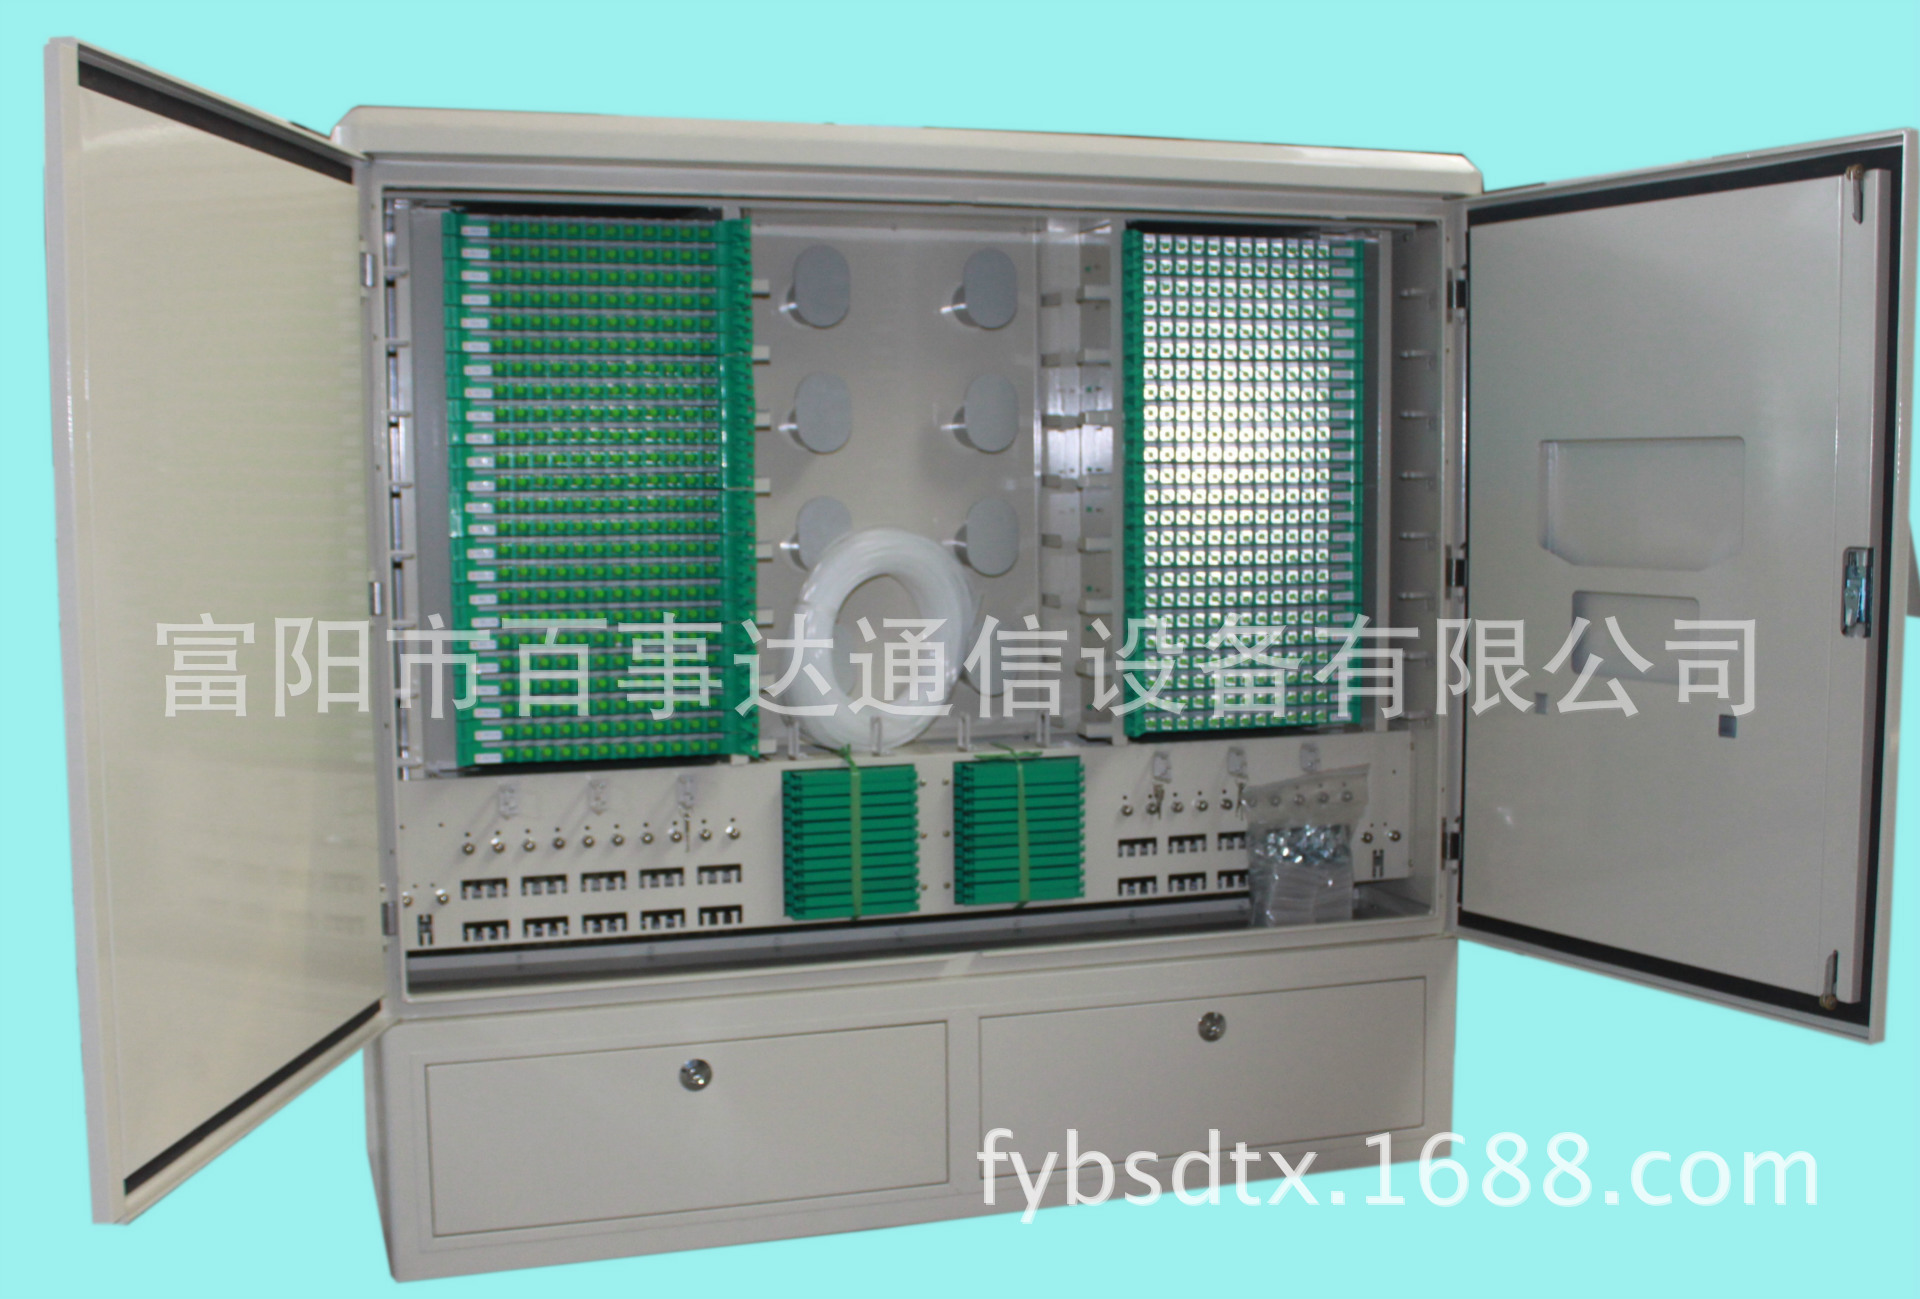 厂家直销百事达通信设备576芯单面不锈钢光缆光纤交接箱左右模块